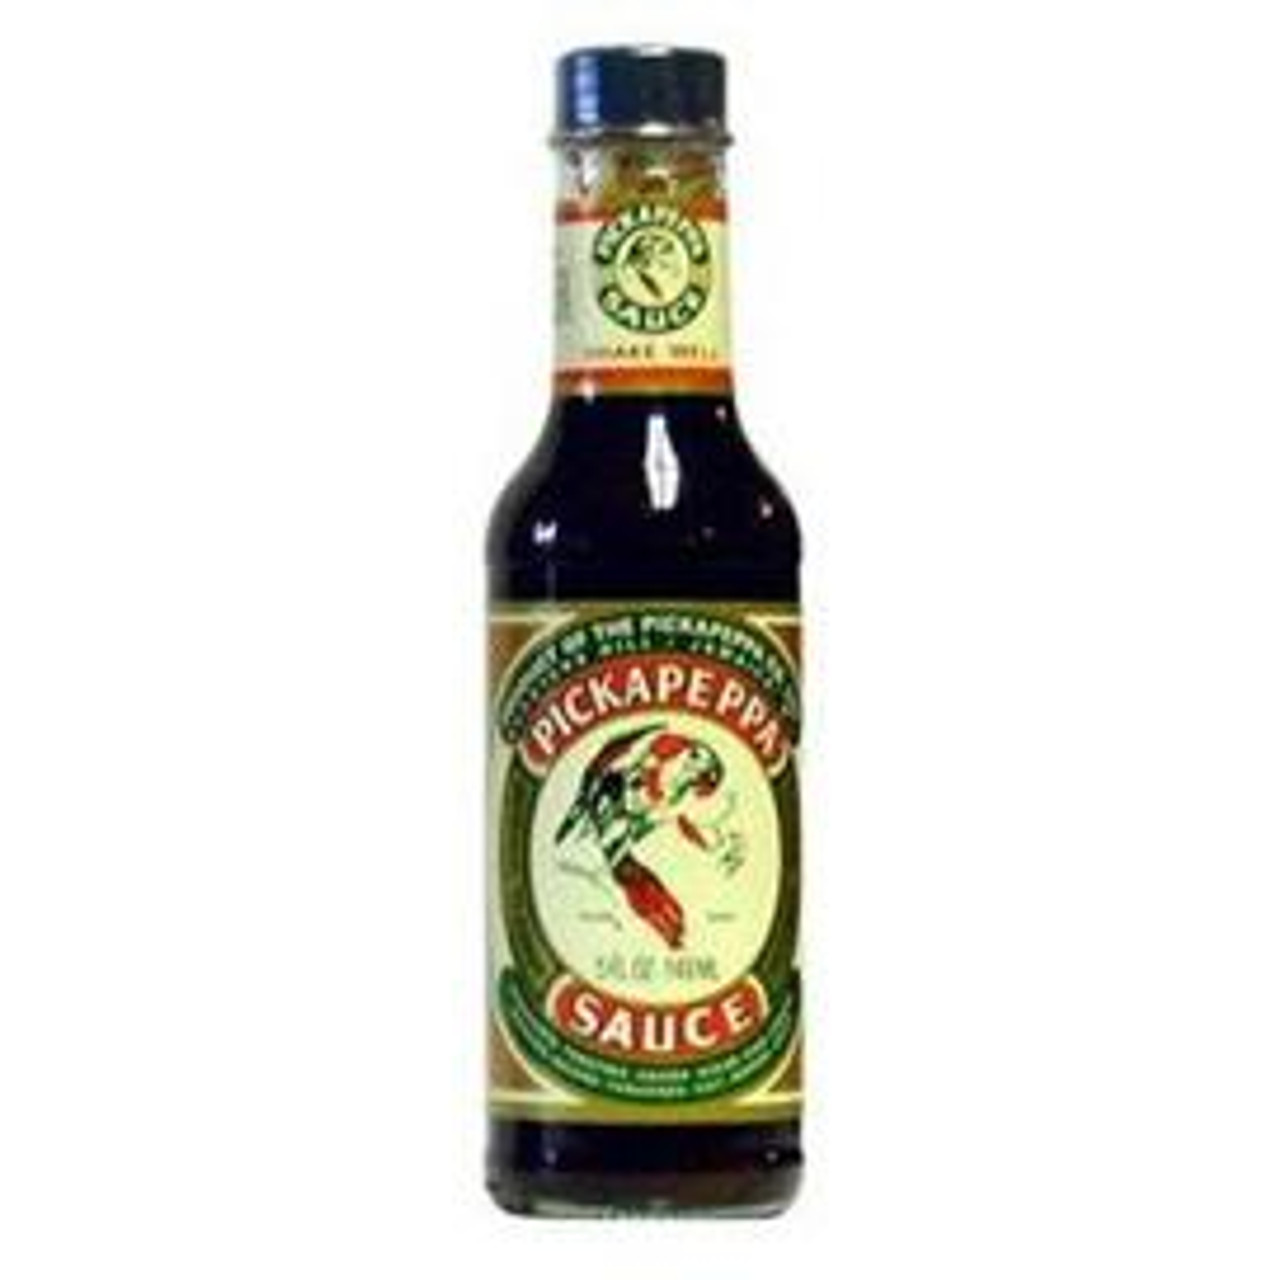 Pickapeppa Sauce